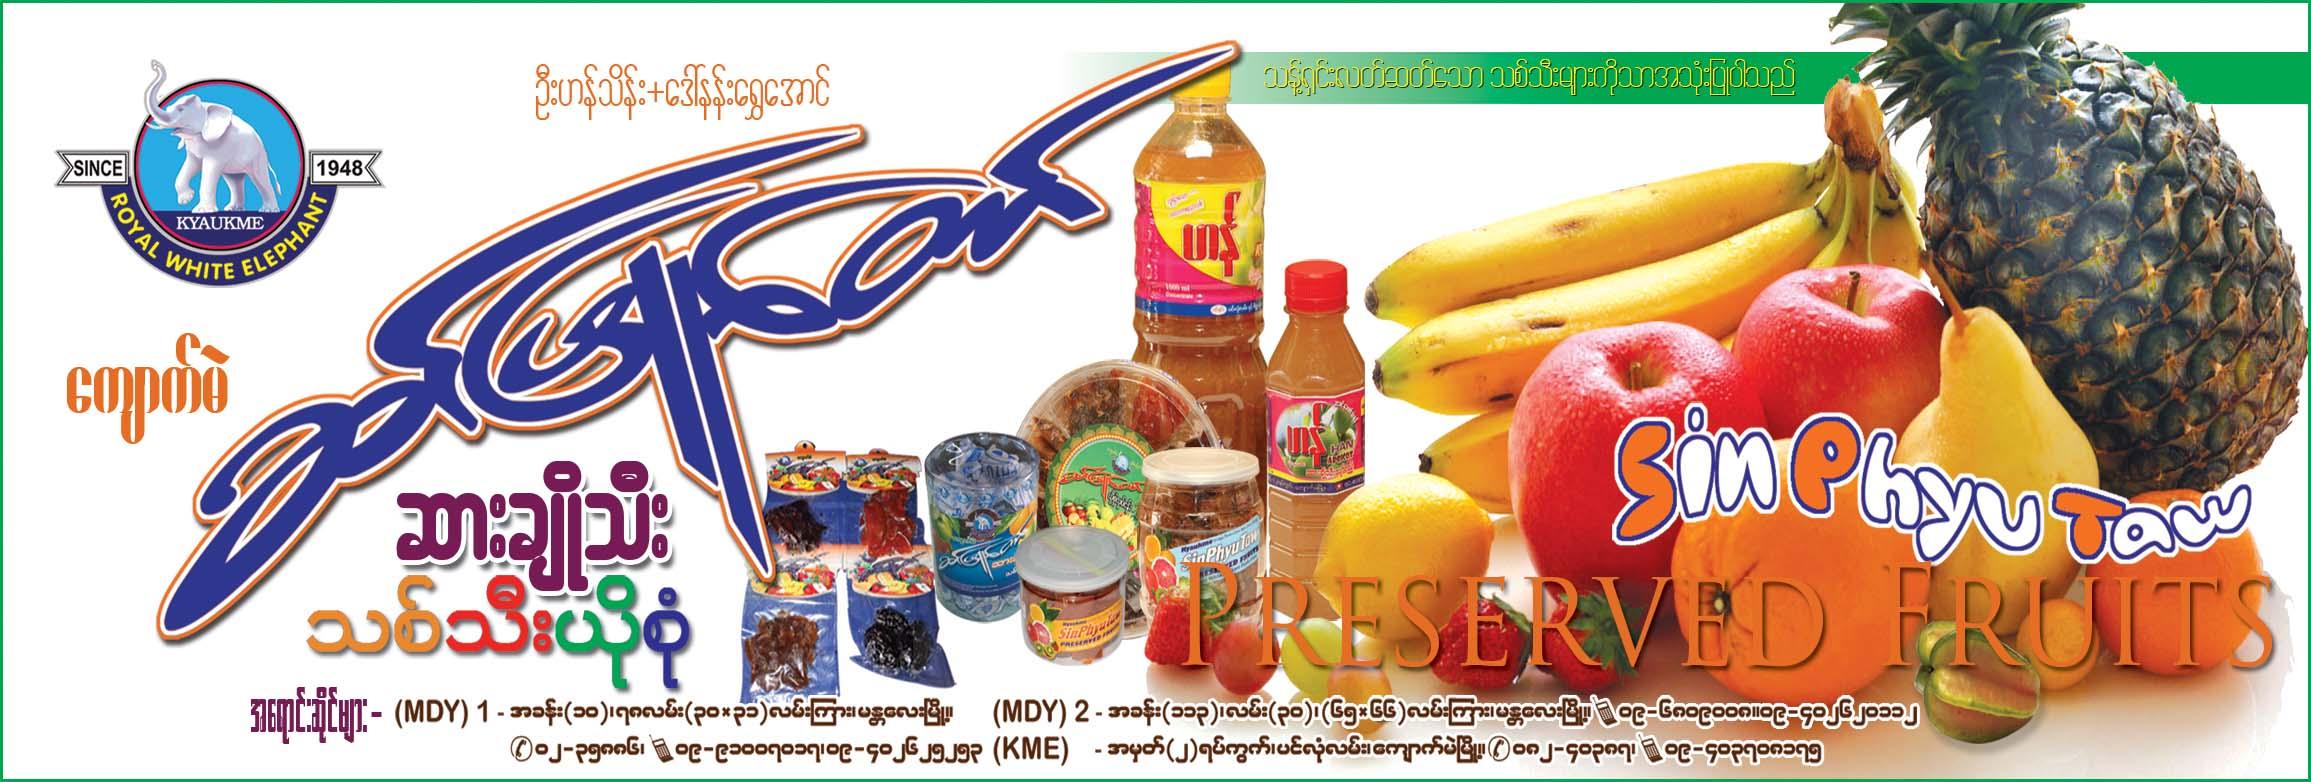 Kyauk Me Sin Phyu Taw